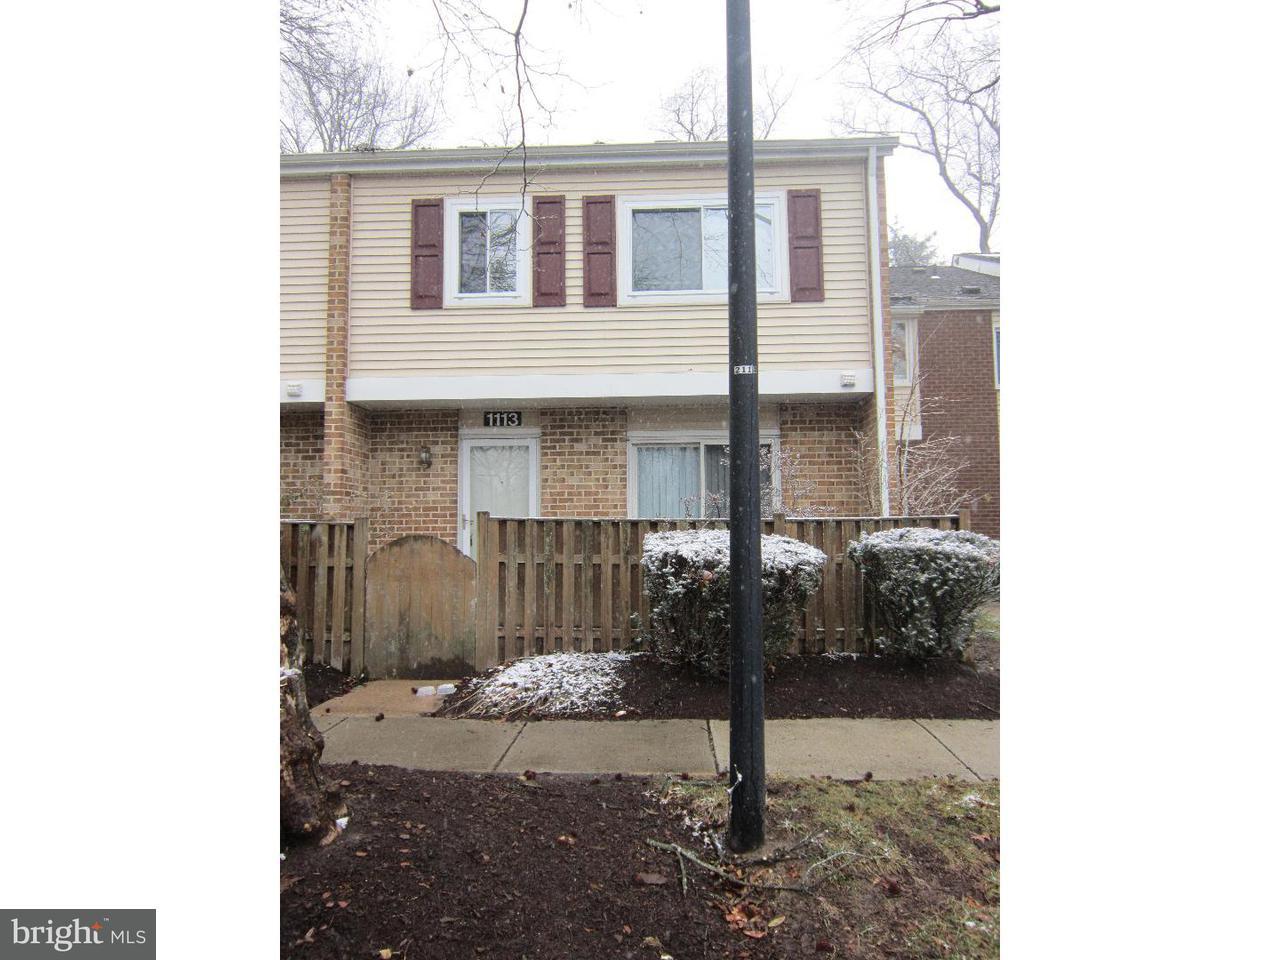 Casa unifamiliar adosada (Townhouse) por un Alquiler en 1113 ROWAND Court Voorhees, Nueva Jersey 08043 Estados Unidos